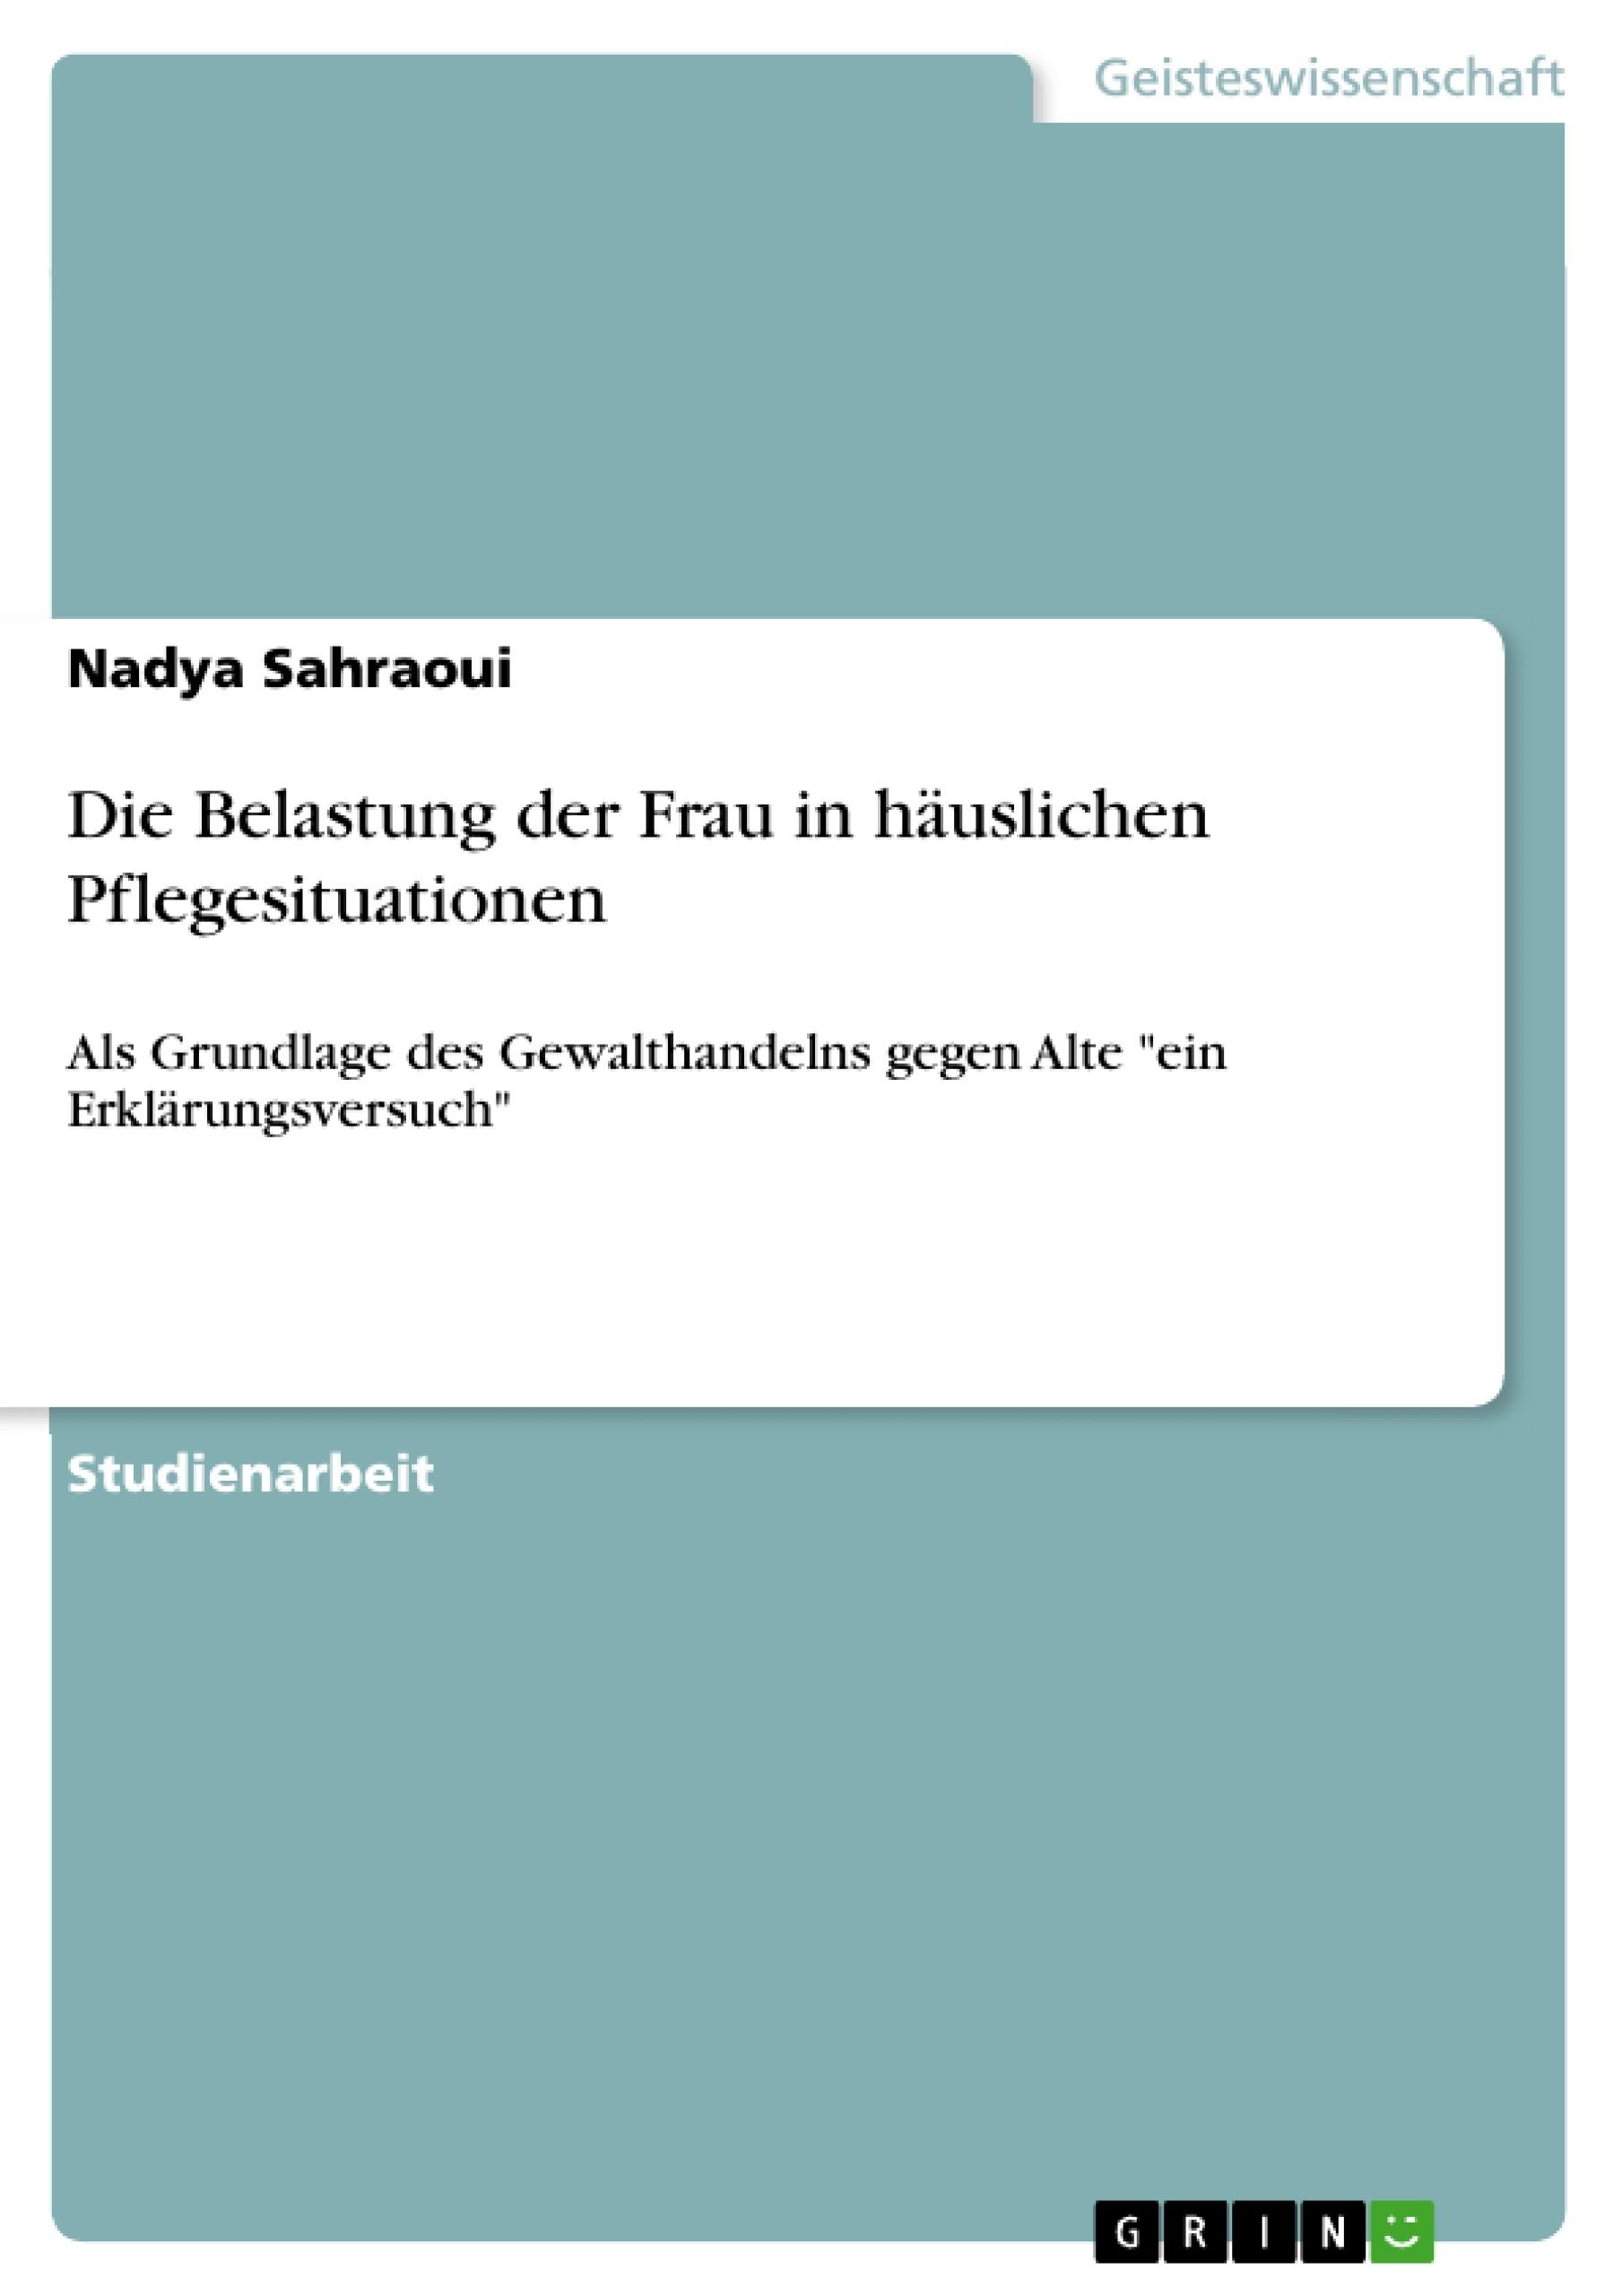 Titel: Die Belastung der Frau in häuslichen Pflegesituationen